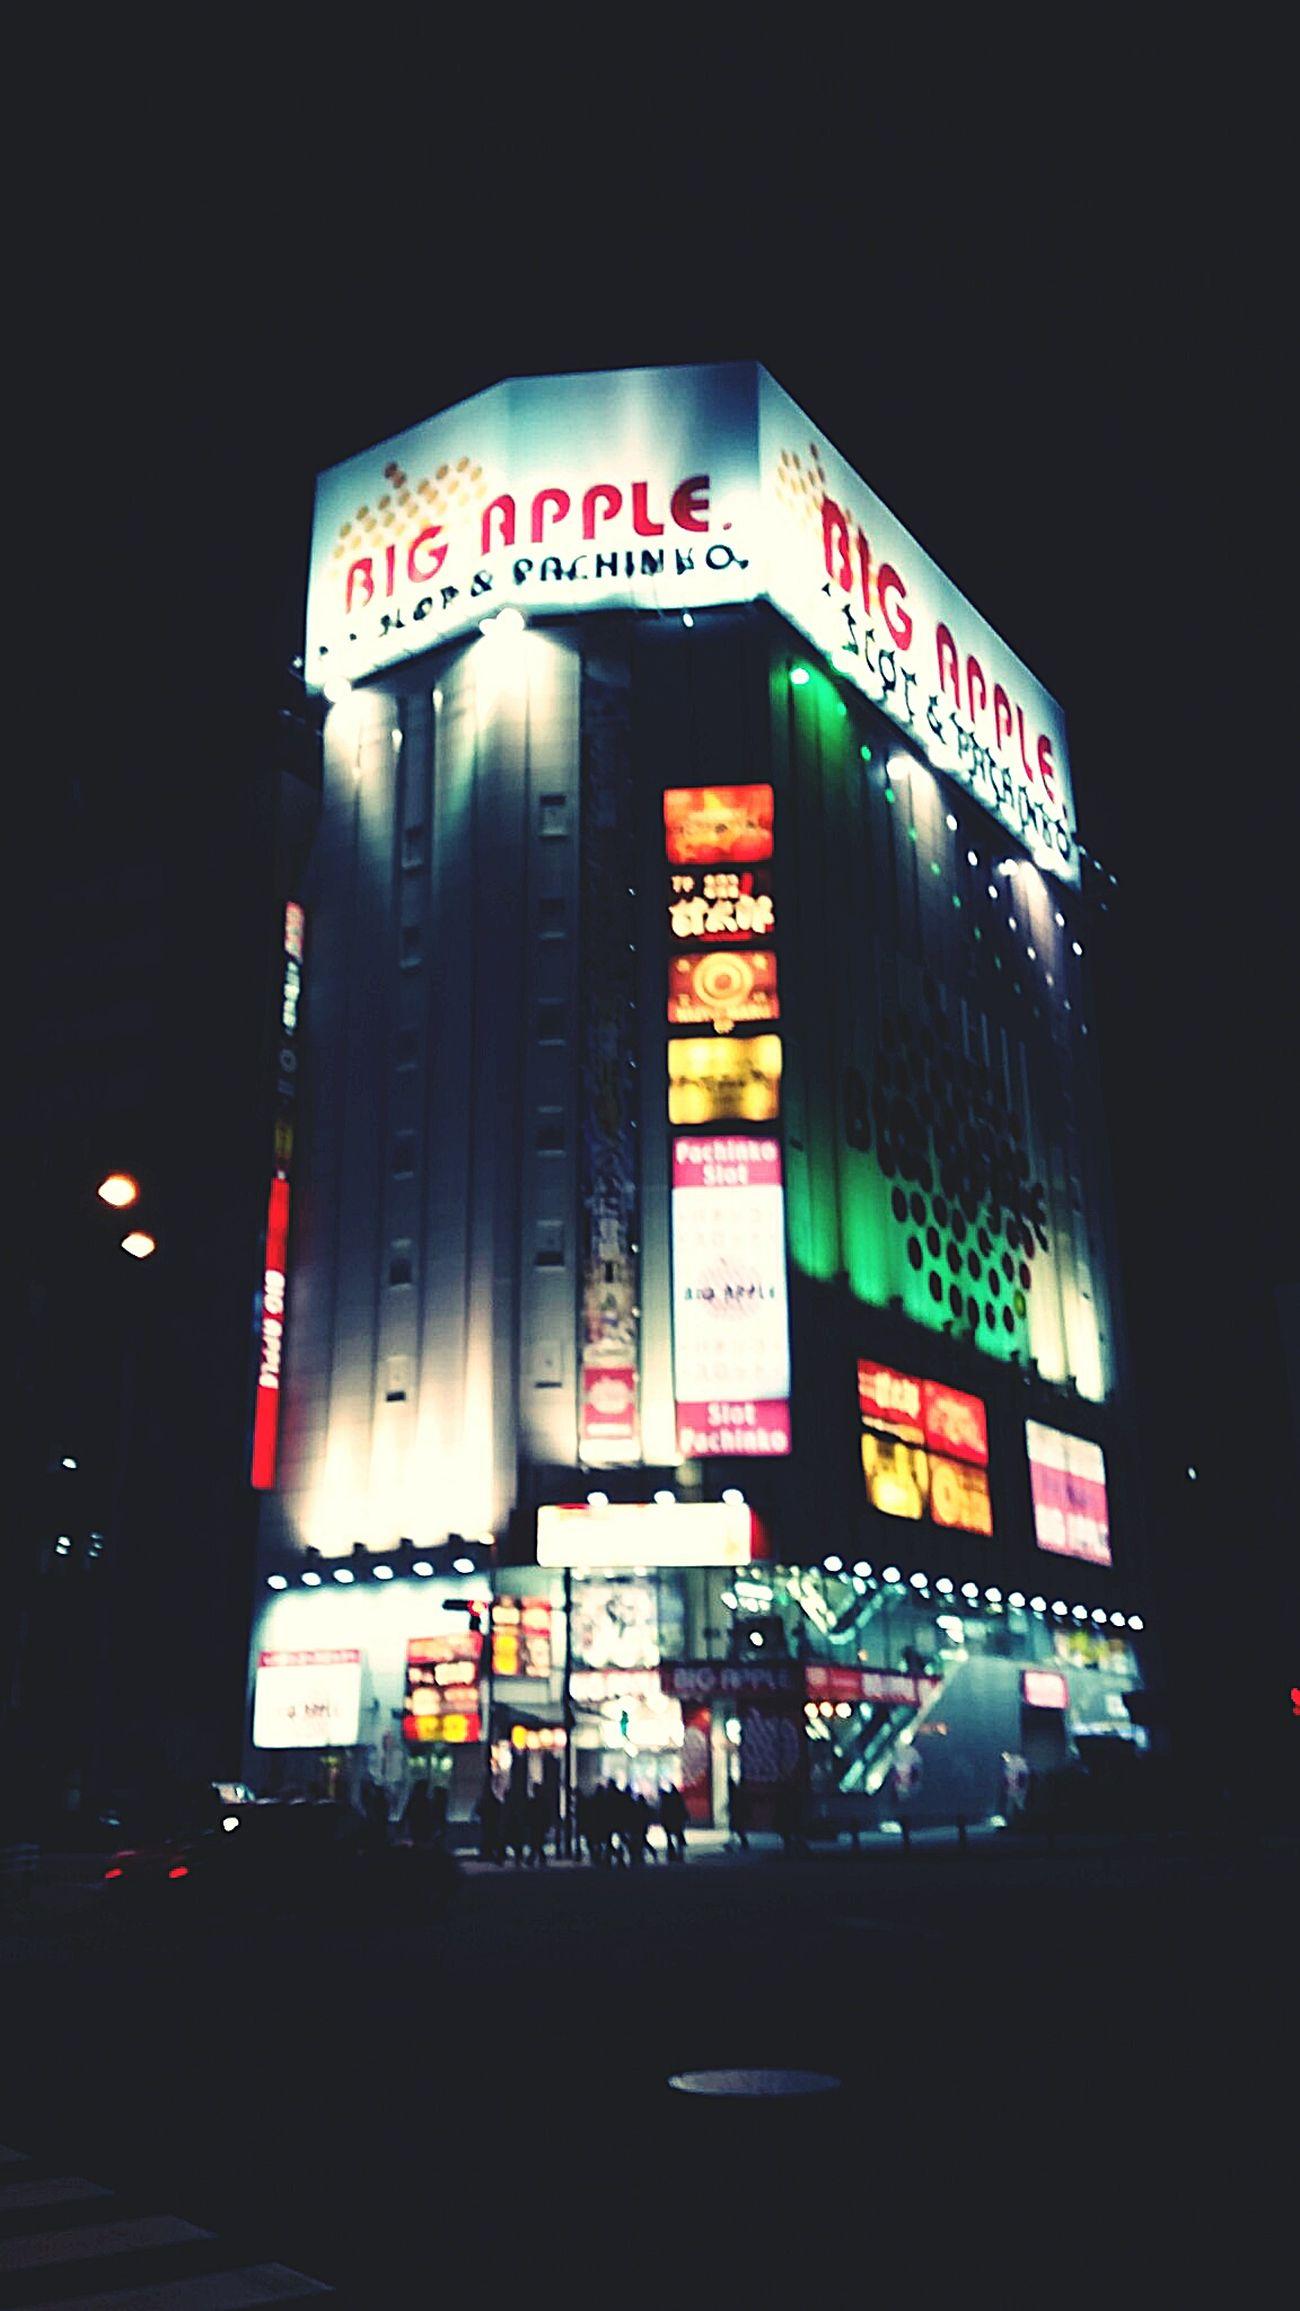 Pachinkooo Tokyo Japan Akihabara Pachinko